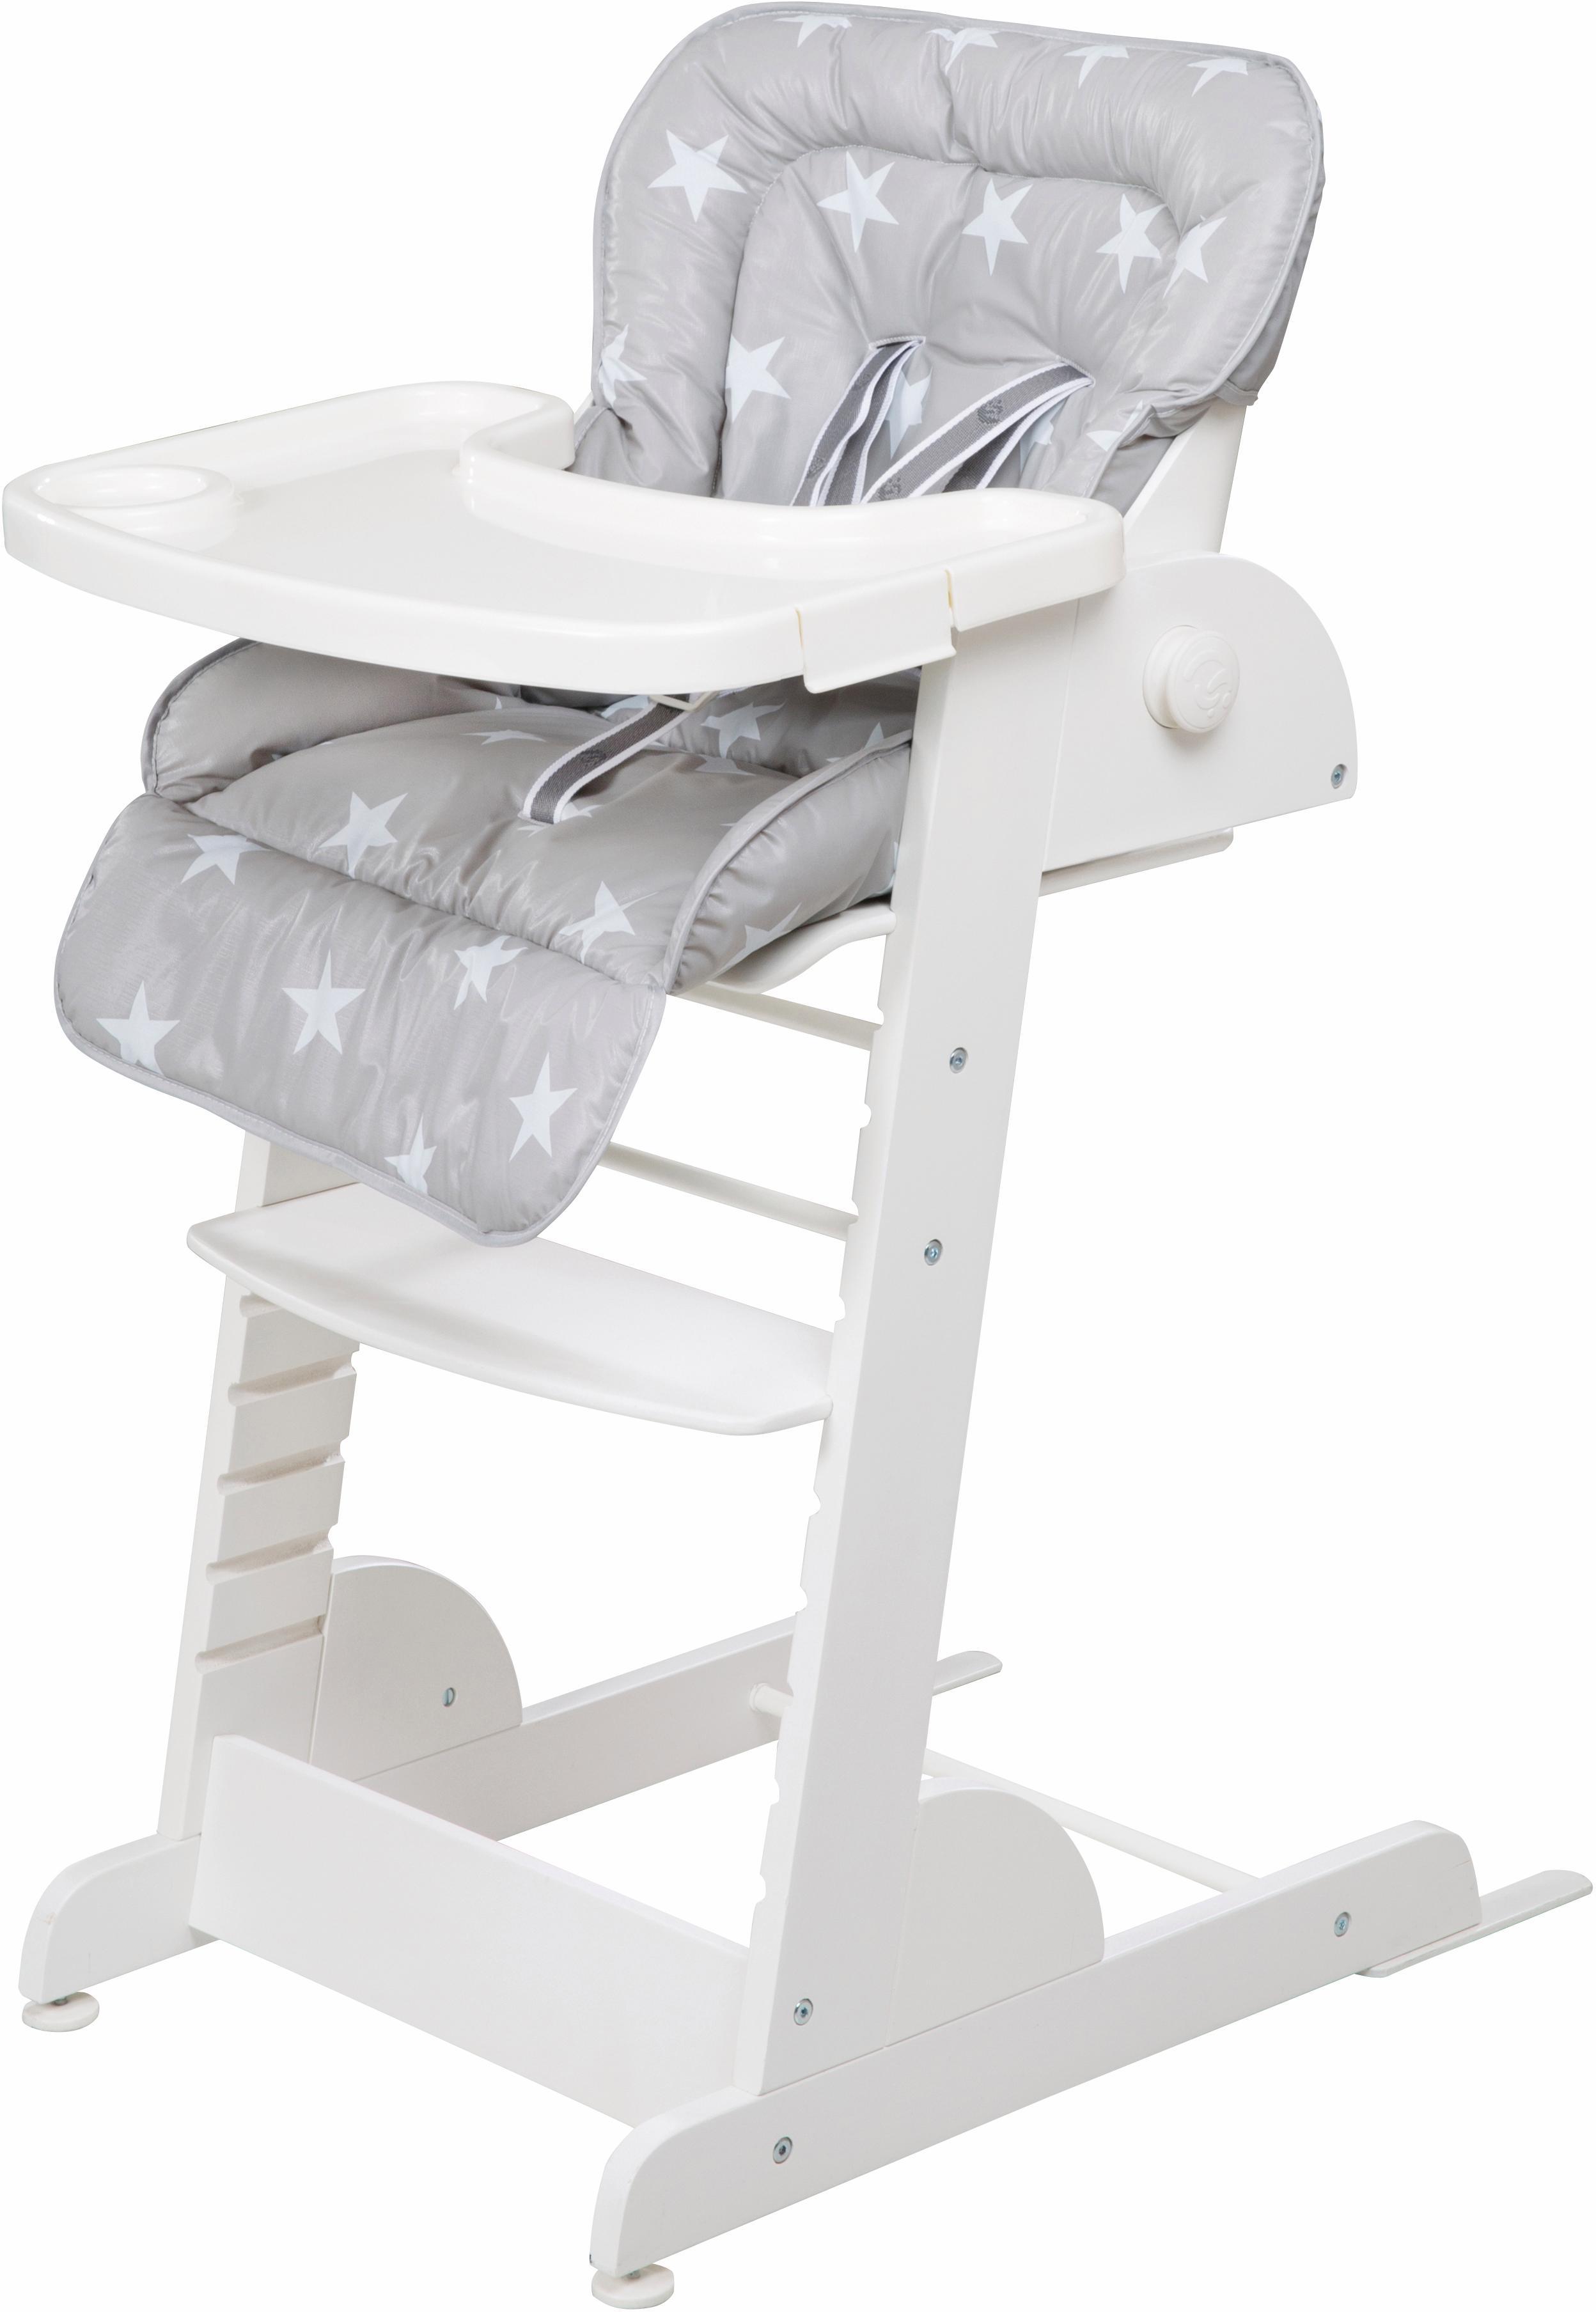 roba stubenbett preisvergleich die besten angebote online kaufen. Black Bedroom Furniture Sets. Home Design Ideas